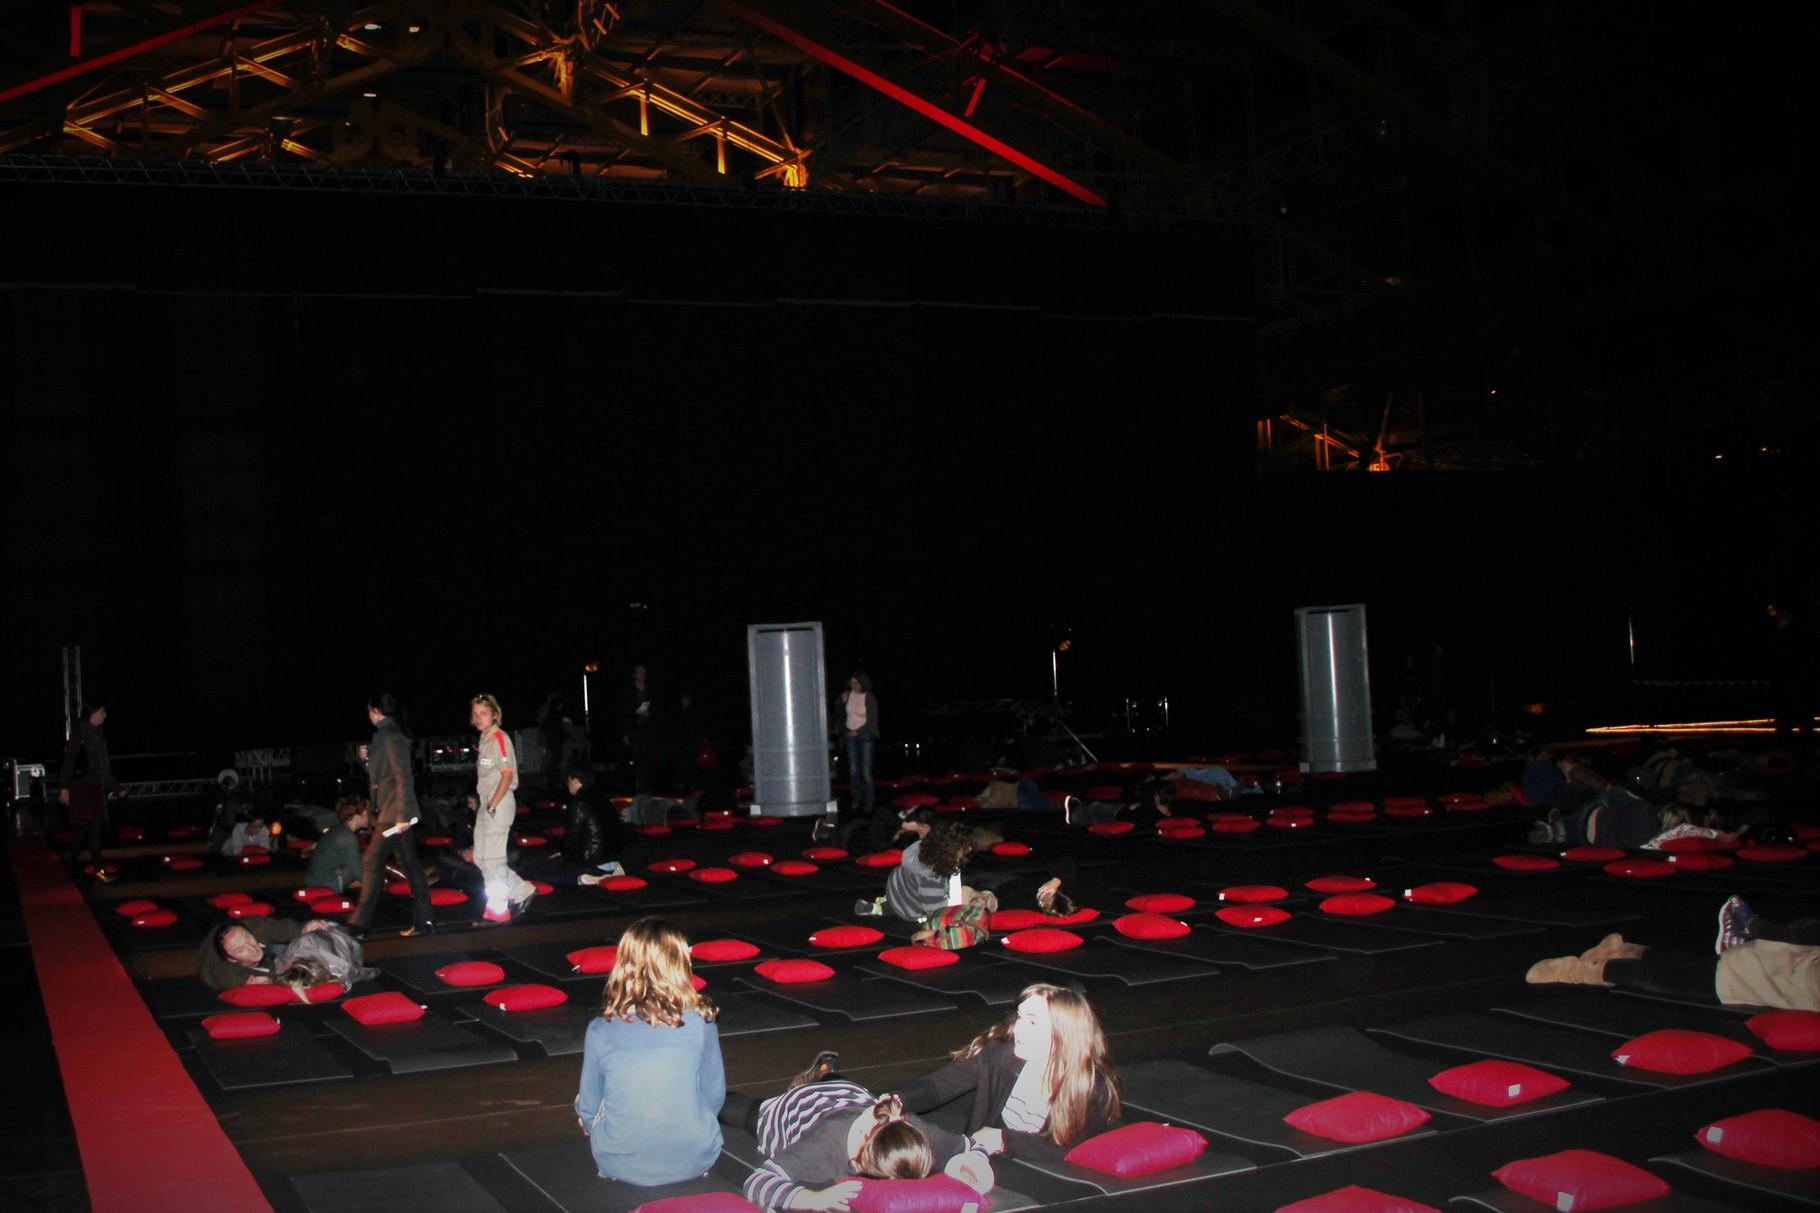 Les couchettes, installéés derrière l'écran,  pour la Nuit de la Science Fiction - Festival Lumière 2011 - Lyon - Photo © Anik Couble